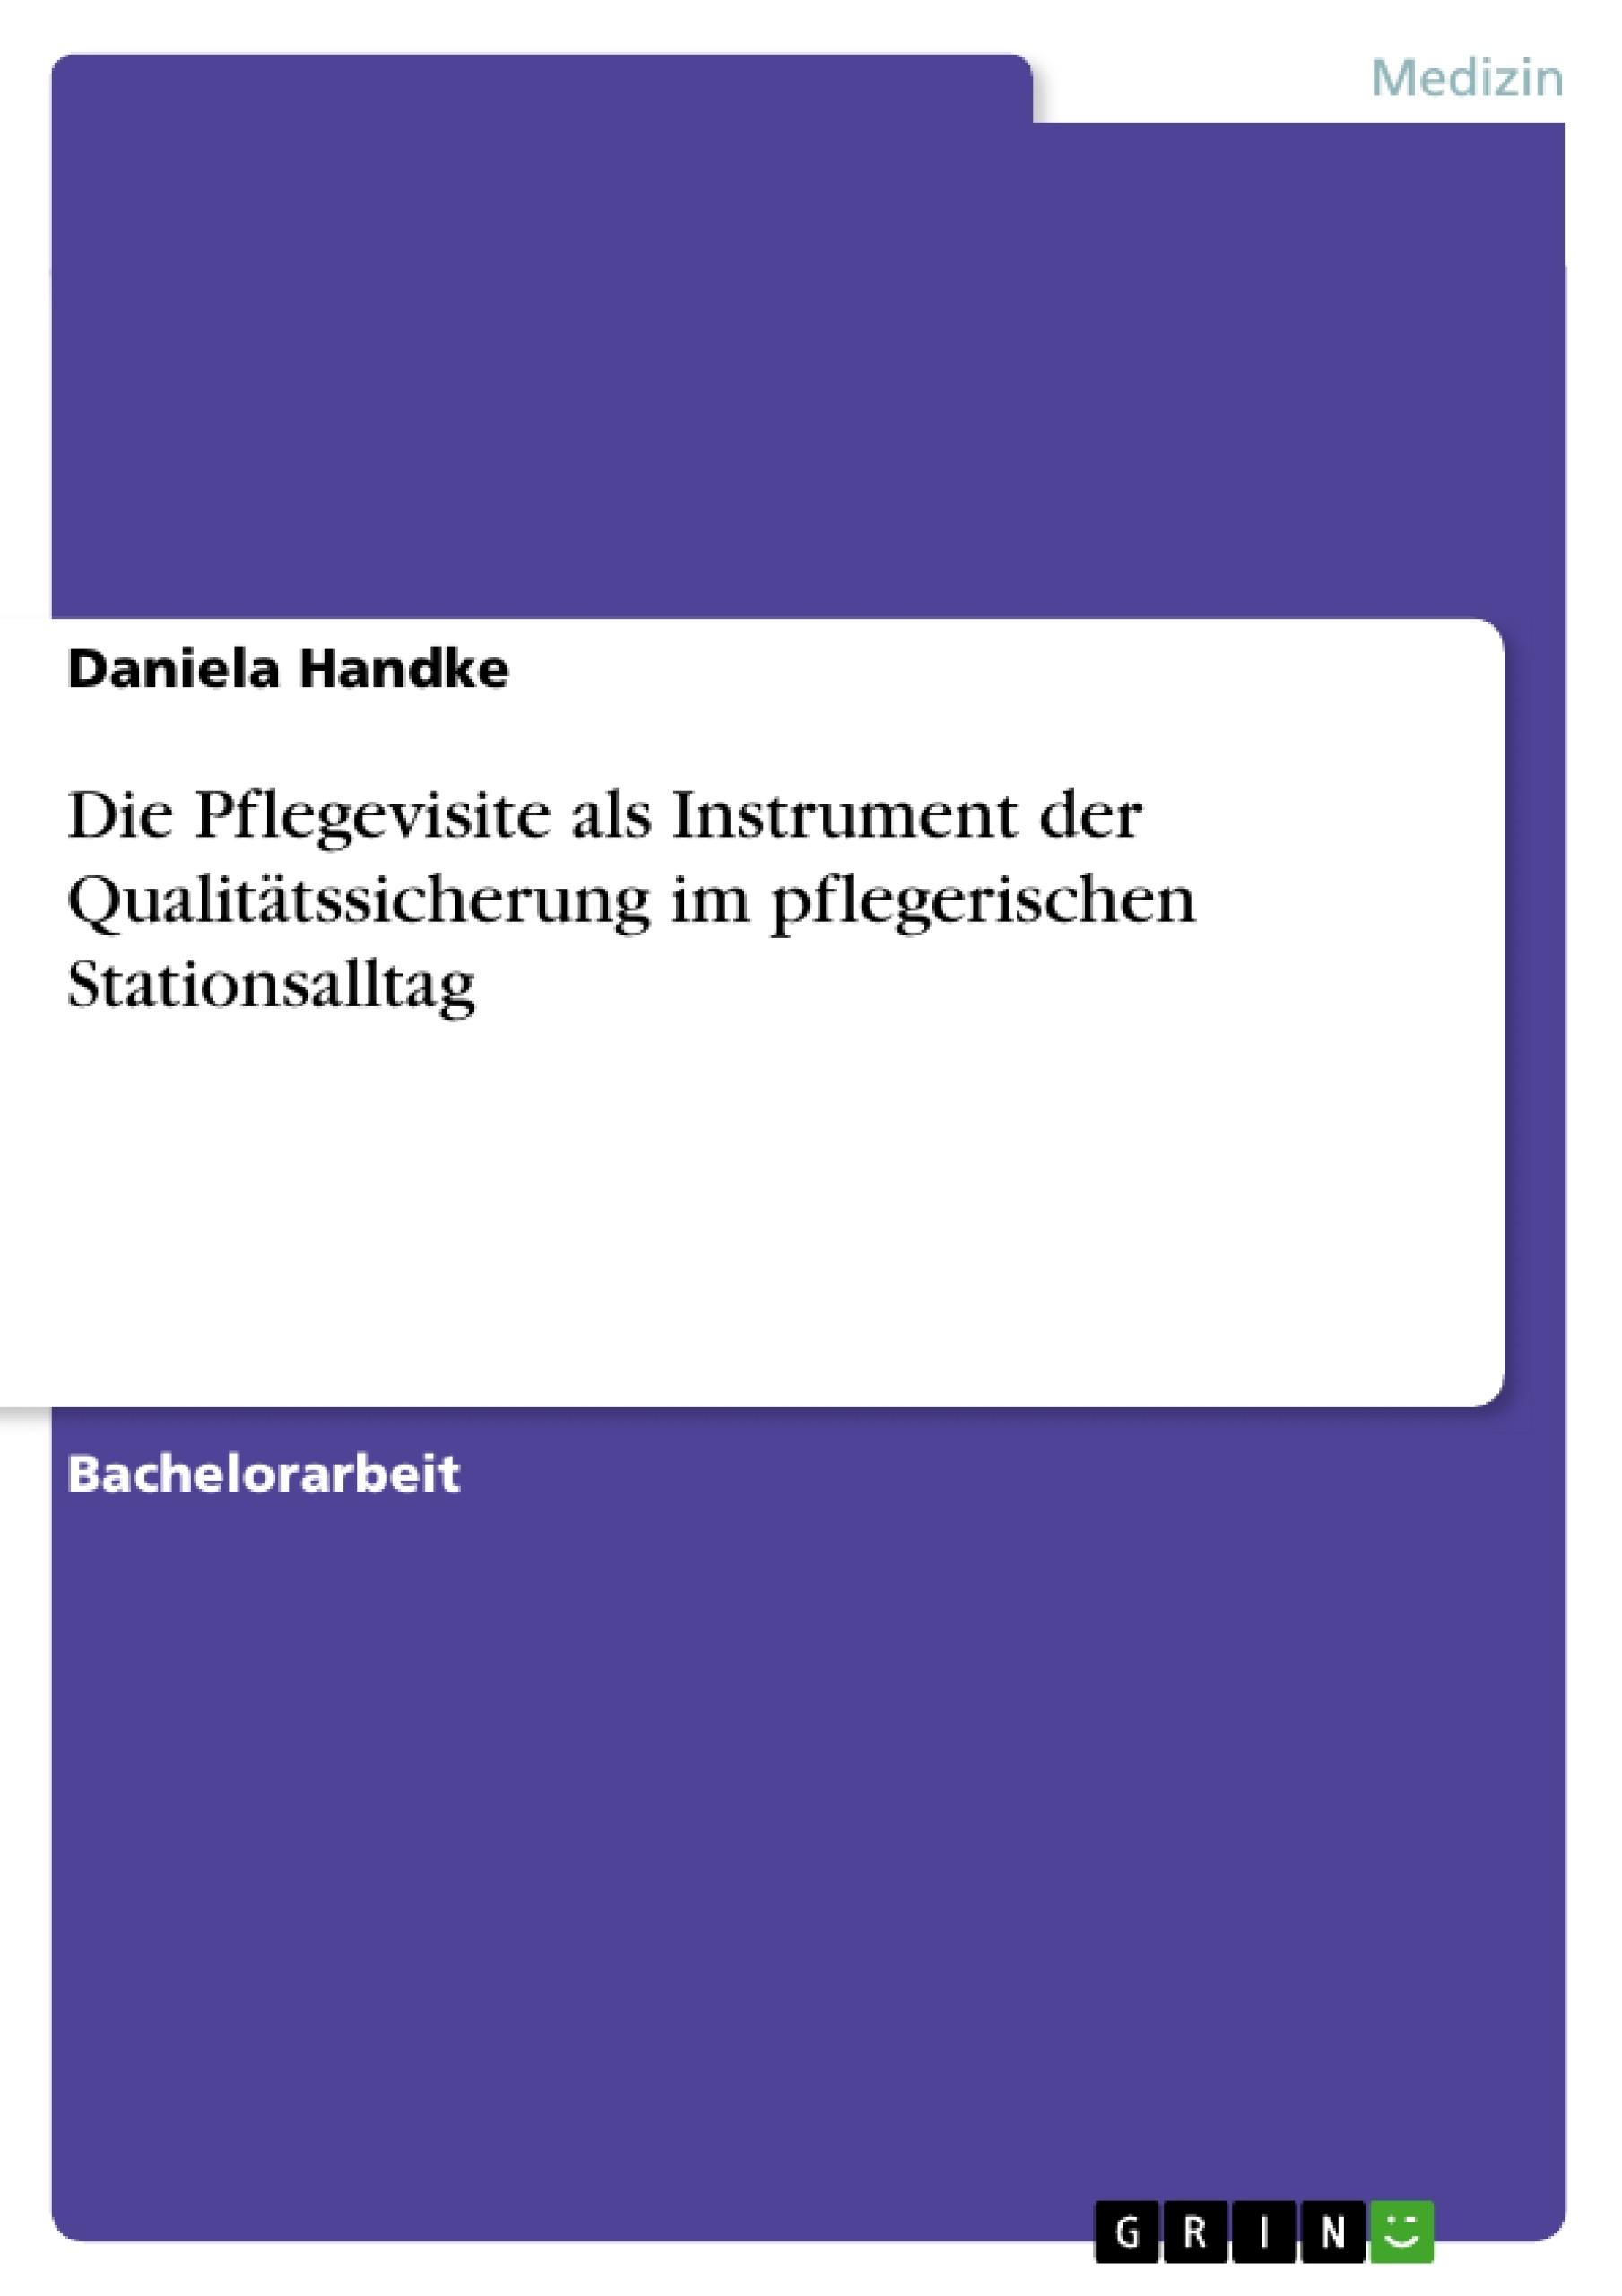 Titel: Die Pflegevisite als Instrument der Qualitätssicherung im pflegerischen Stationsalltag